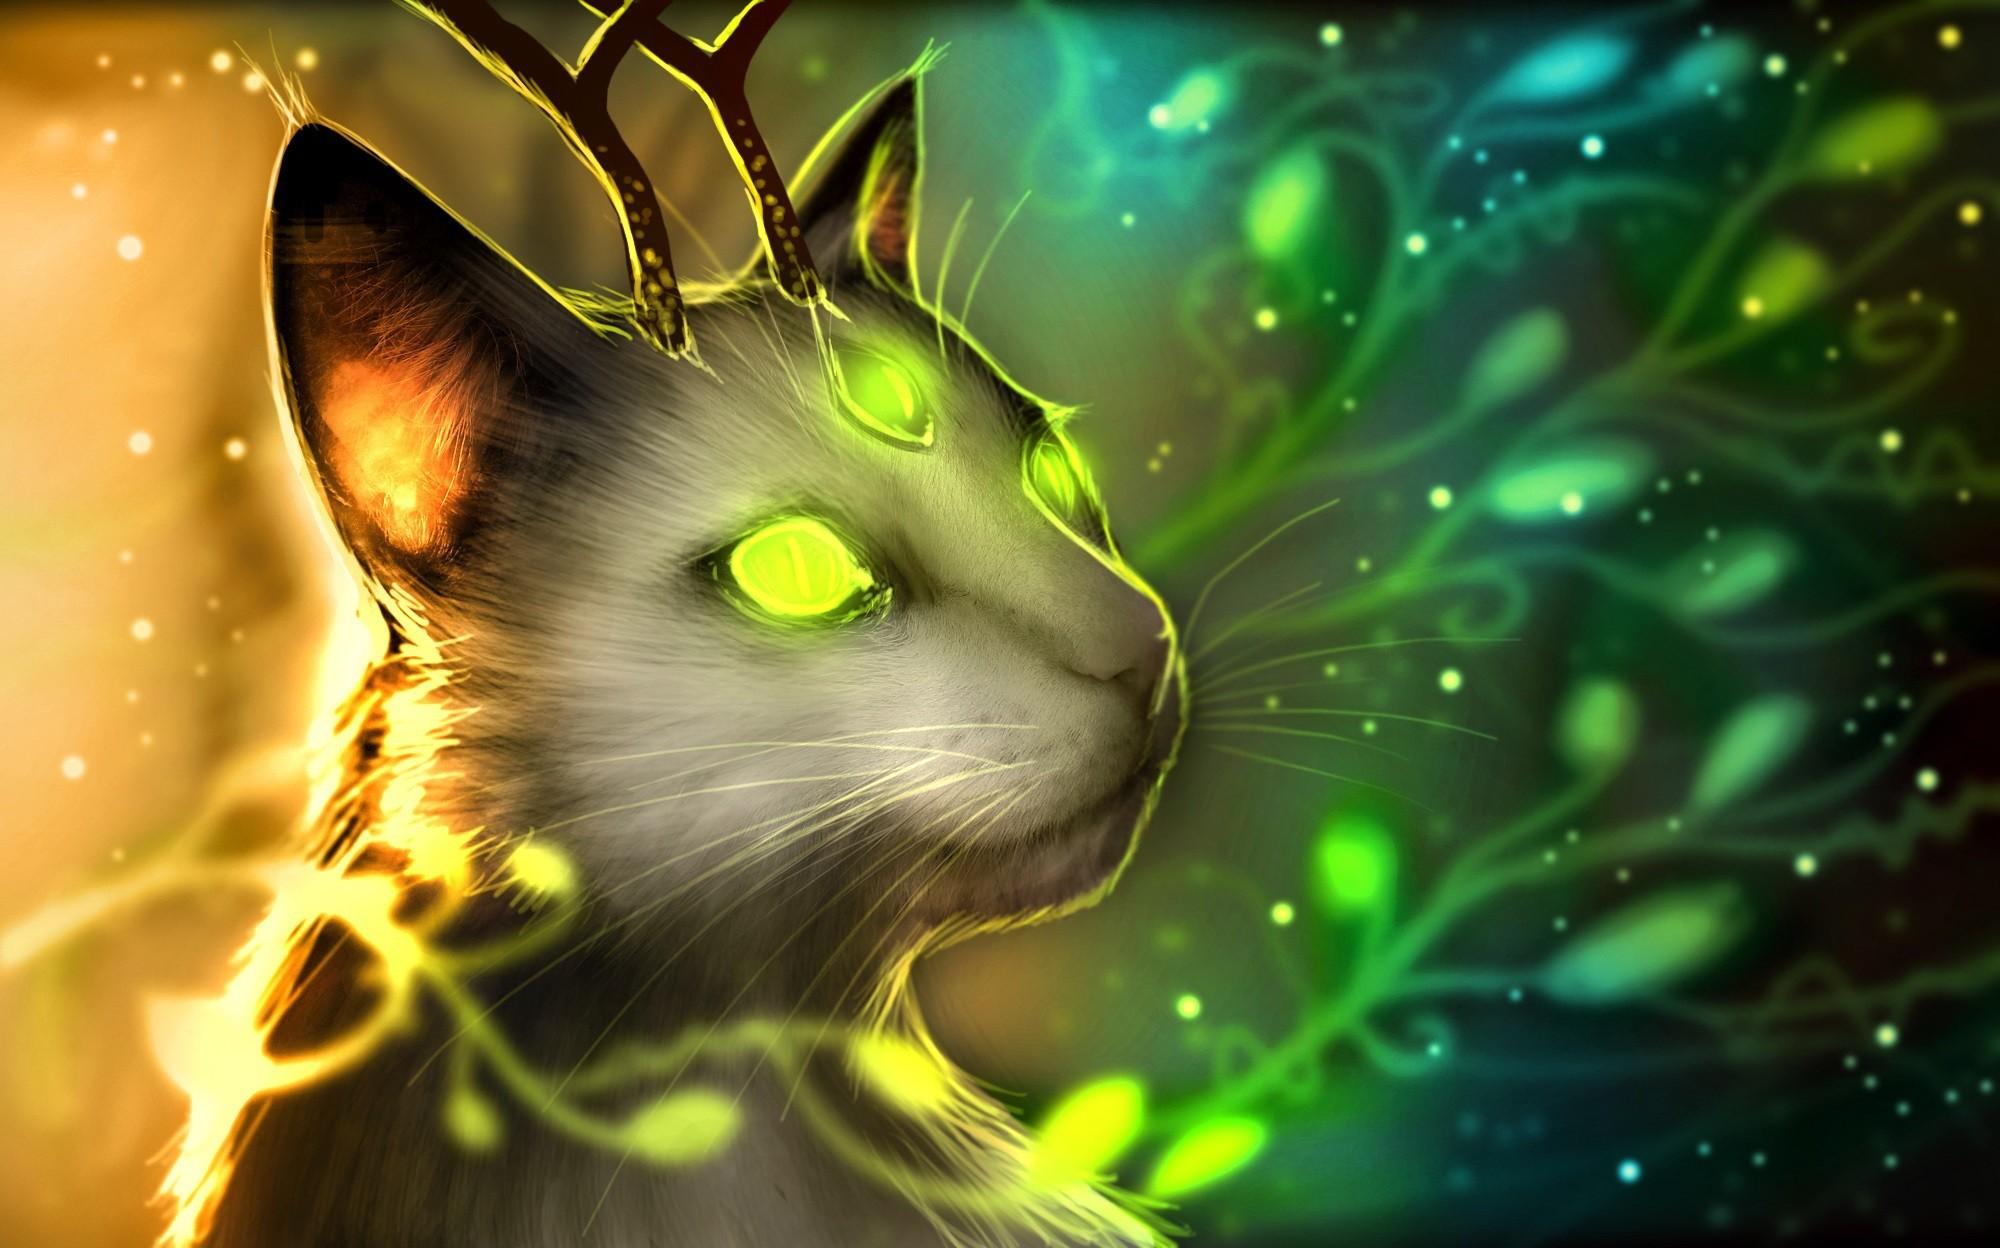 Картинка загадочный кот спирс, увидев